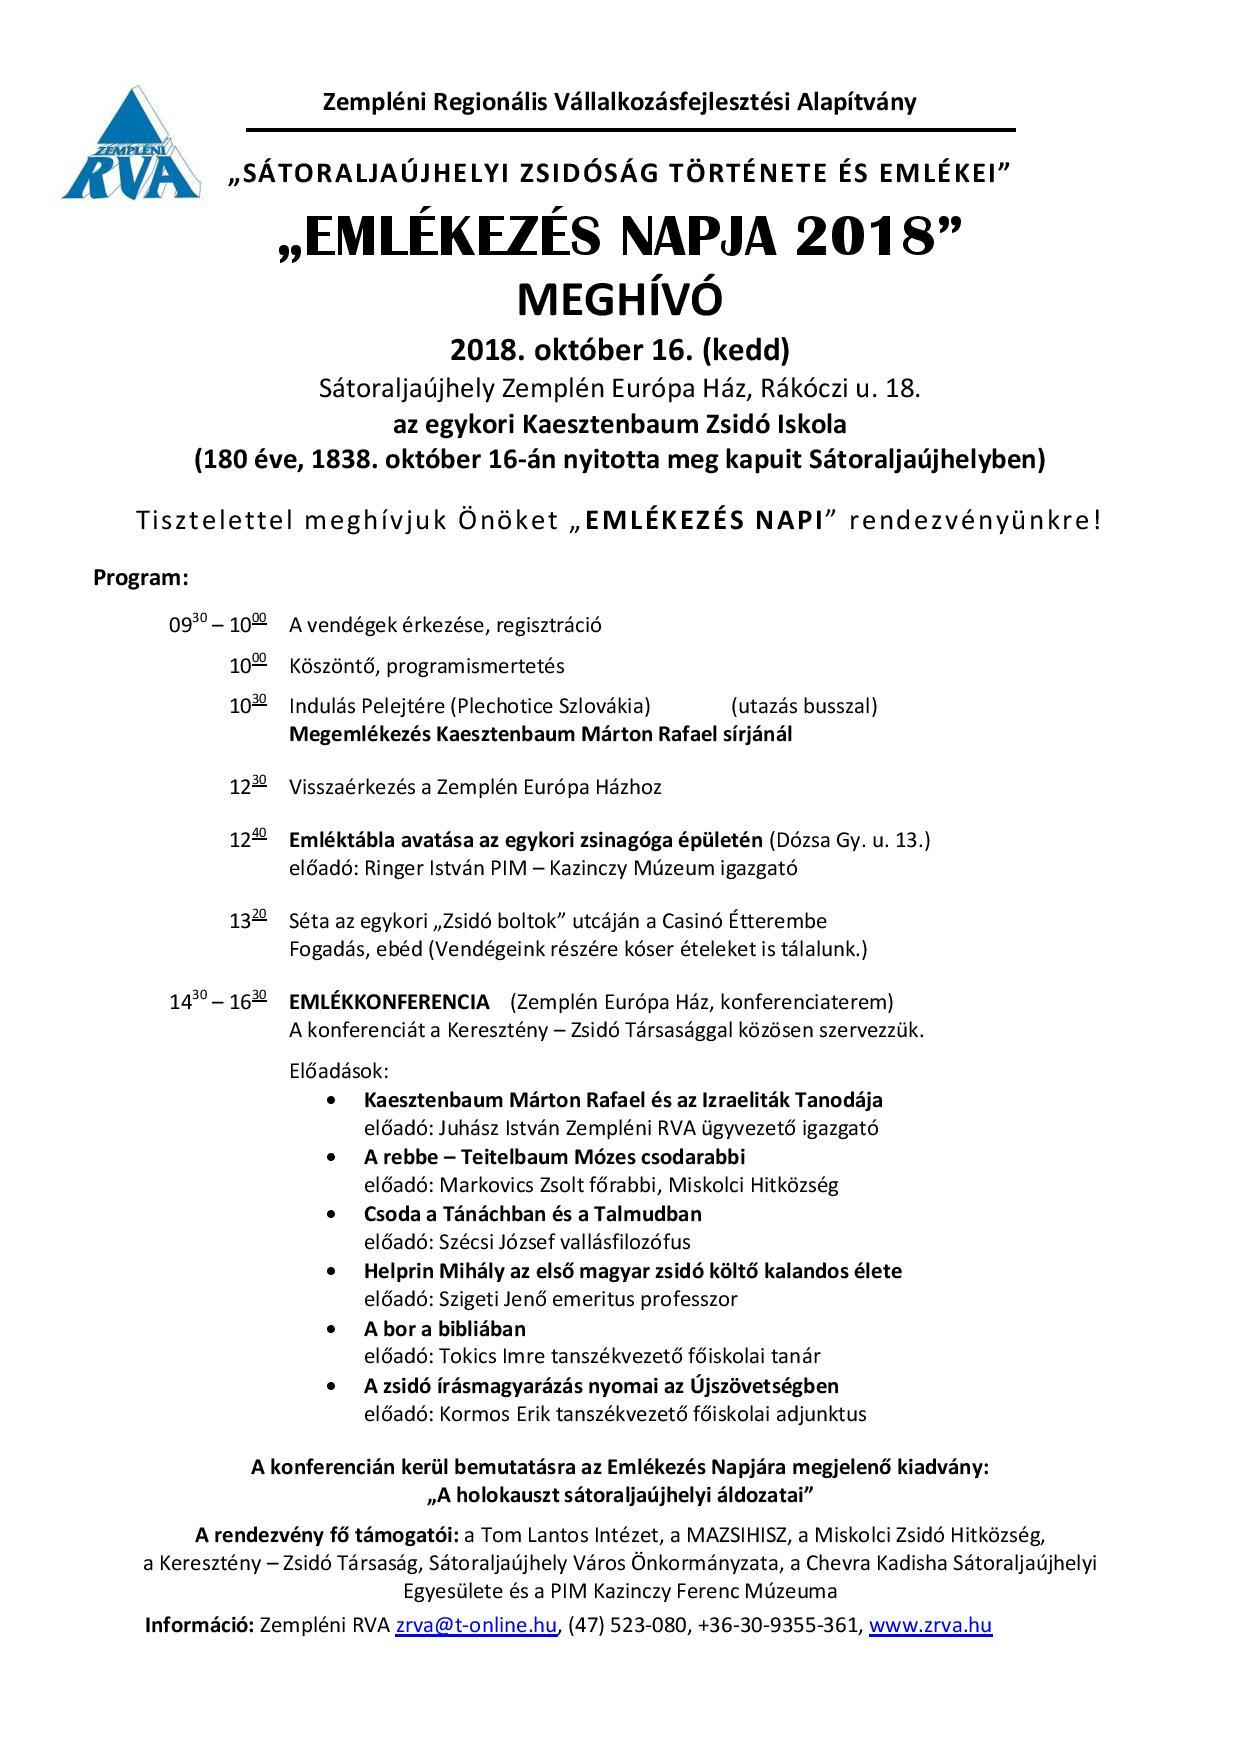 meghivo-181016-page-001